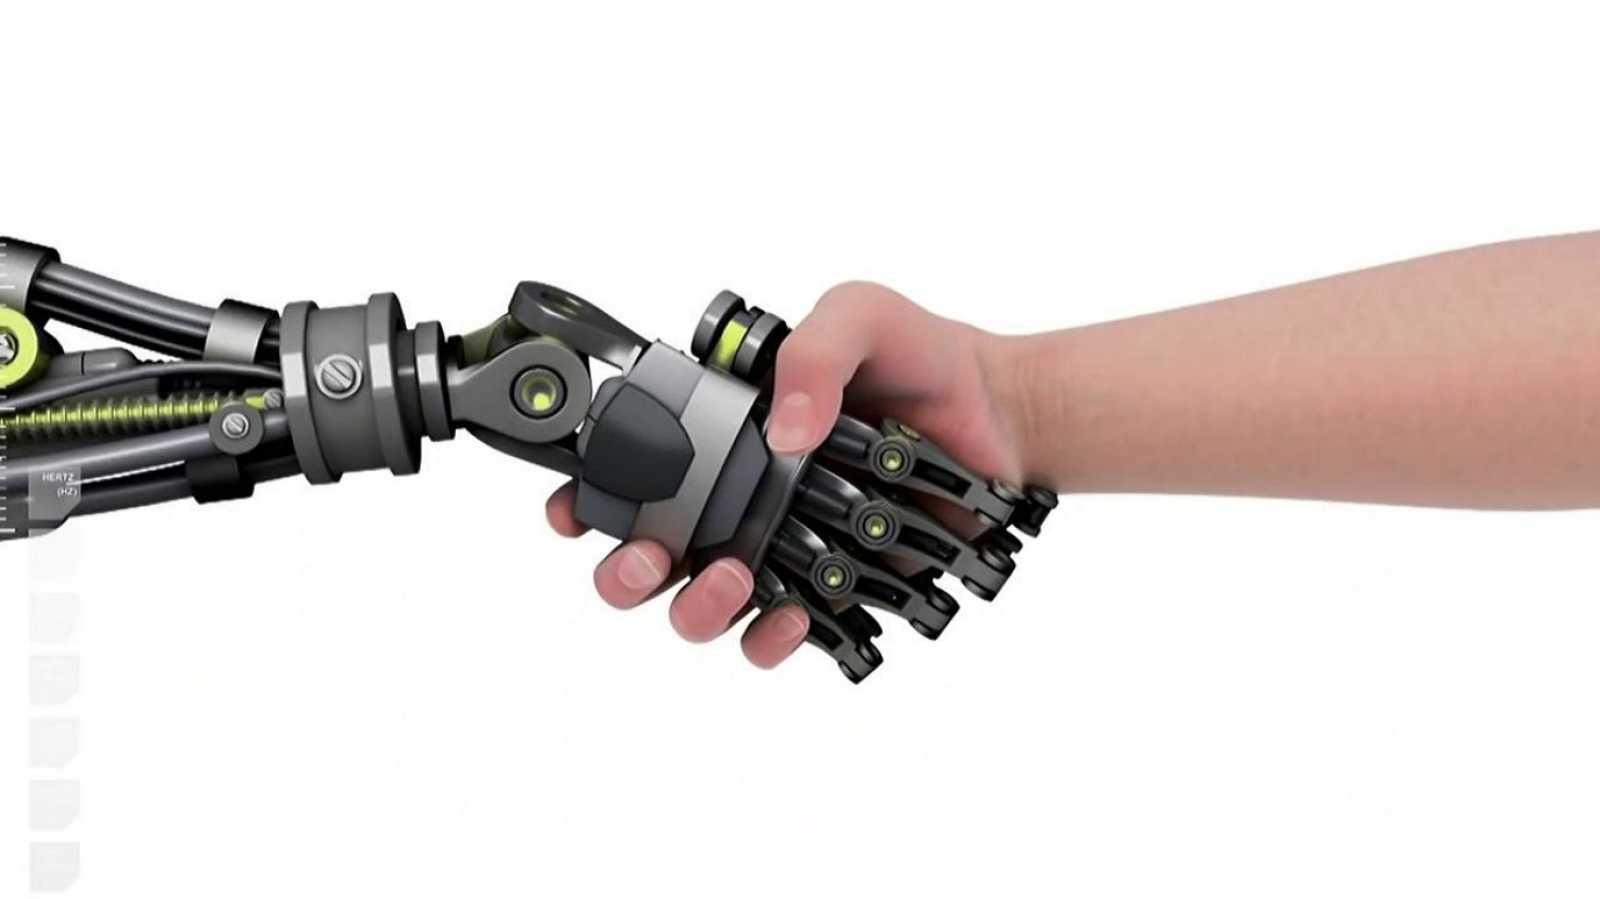 Oficiorama - Programa 9: Vigilante de ecosistema, maestro de marca personal y técnico en prótesis cibernética - ver ahora